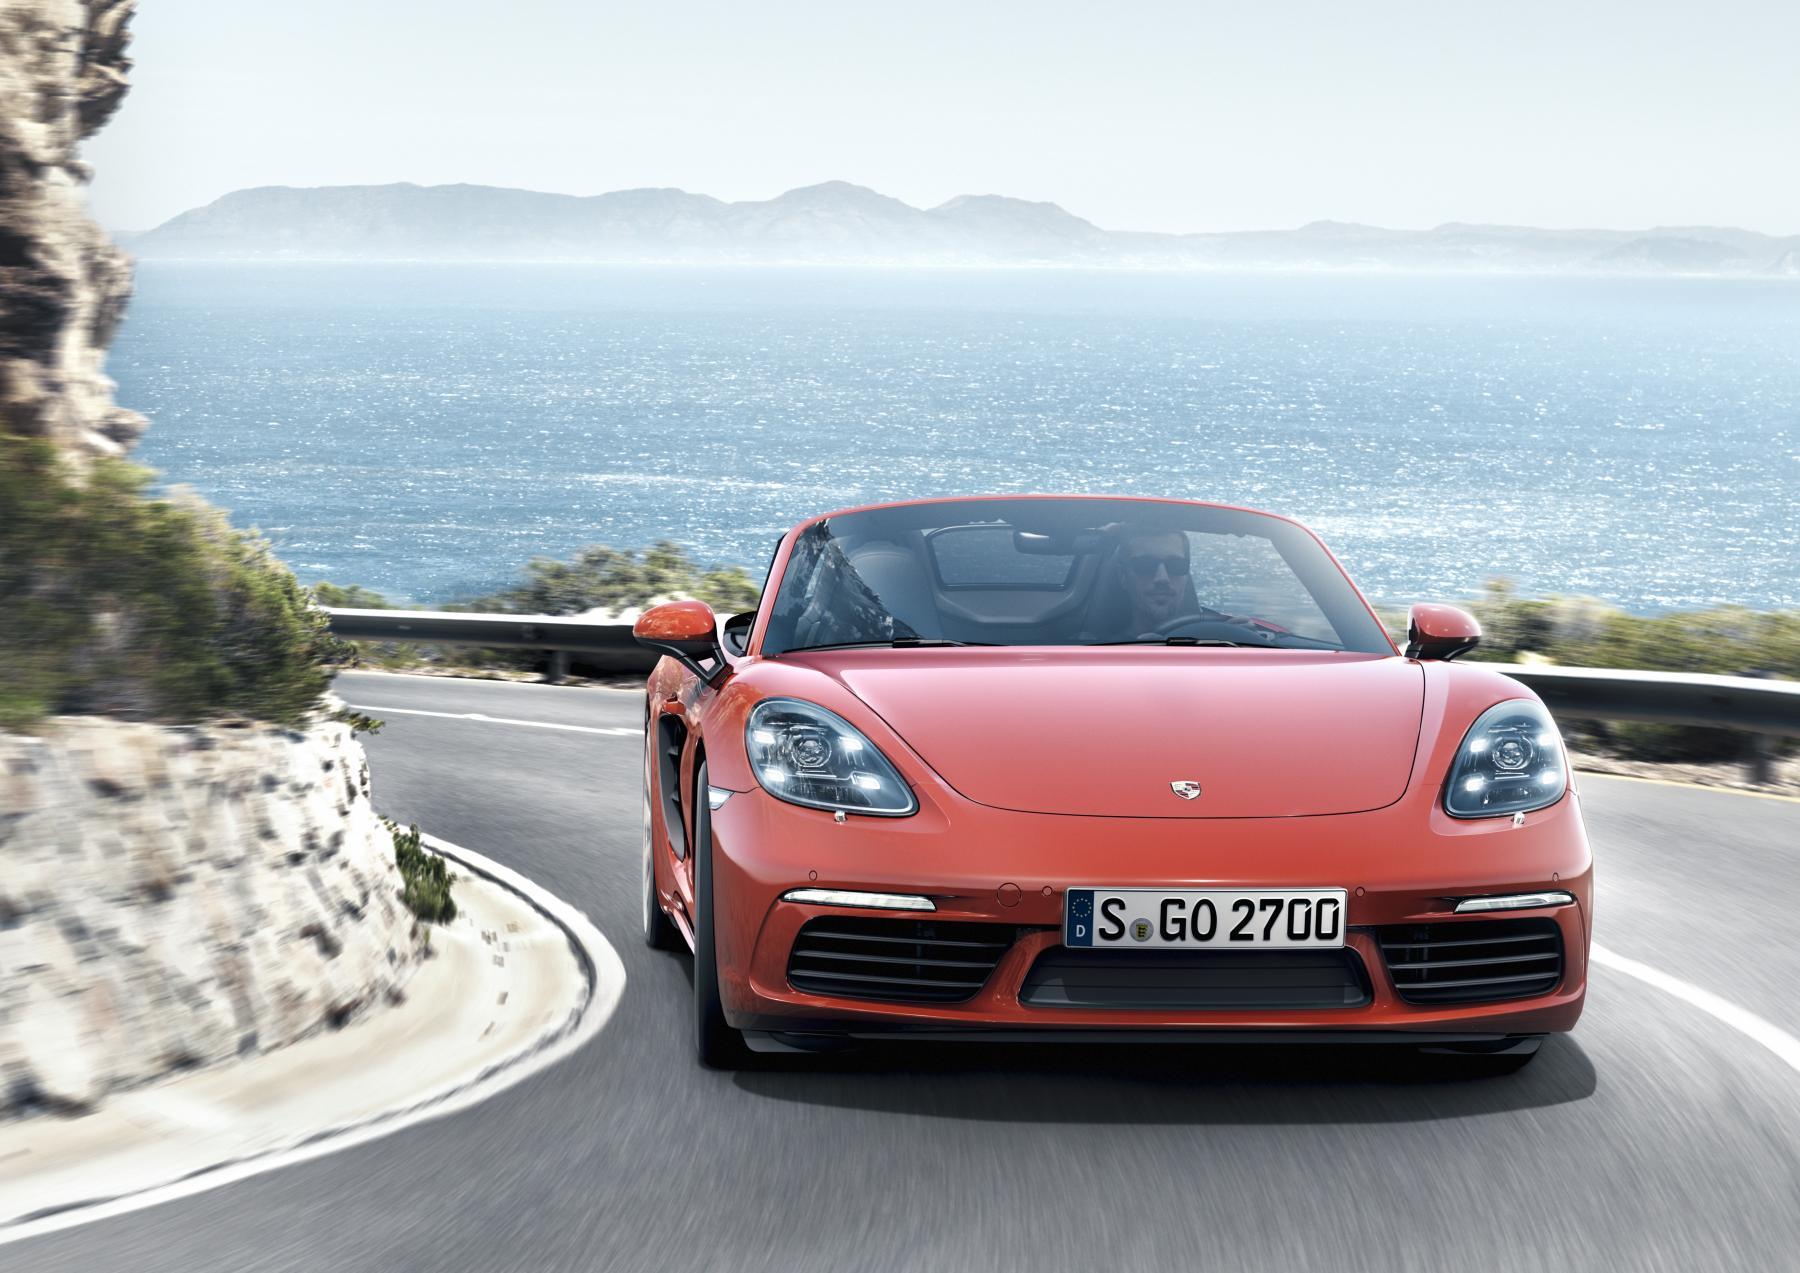 La nuova roadster con motore centrale a quattro cilindri: Porsche 718 Boxster